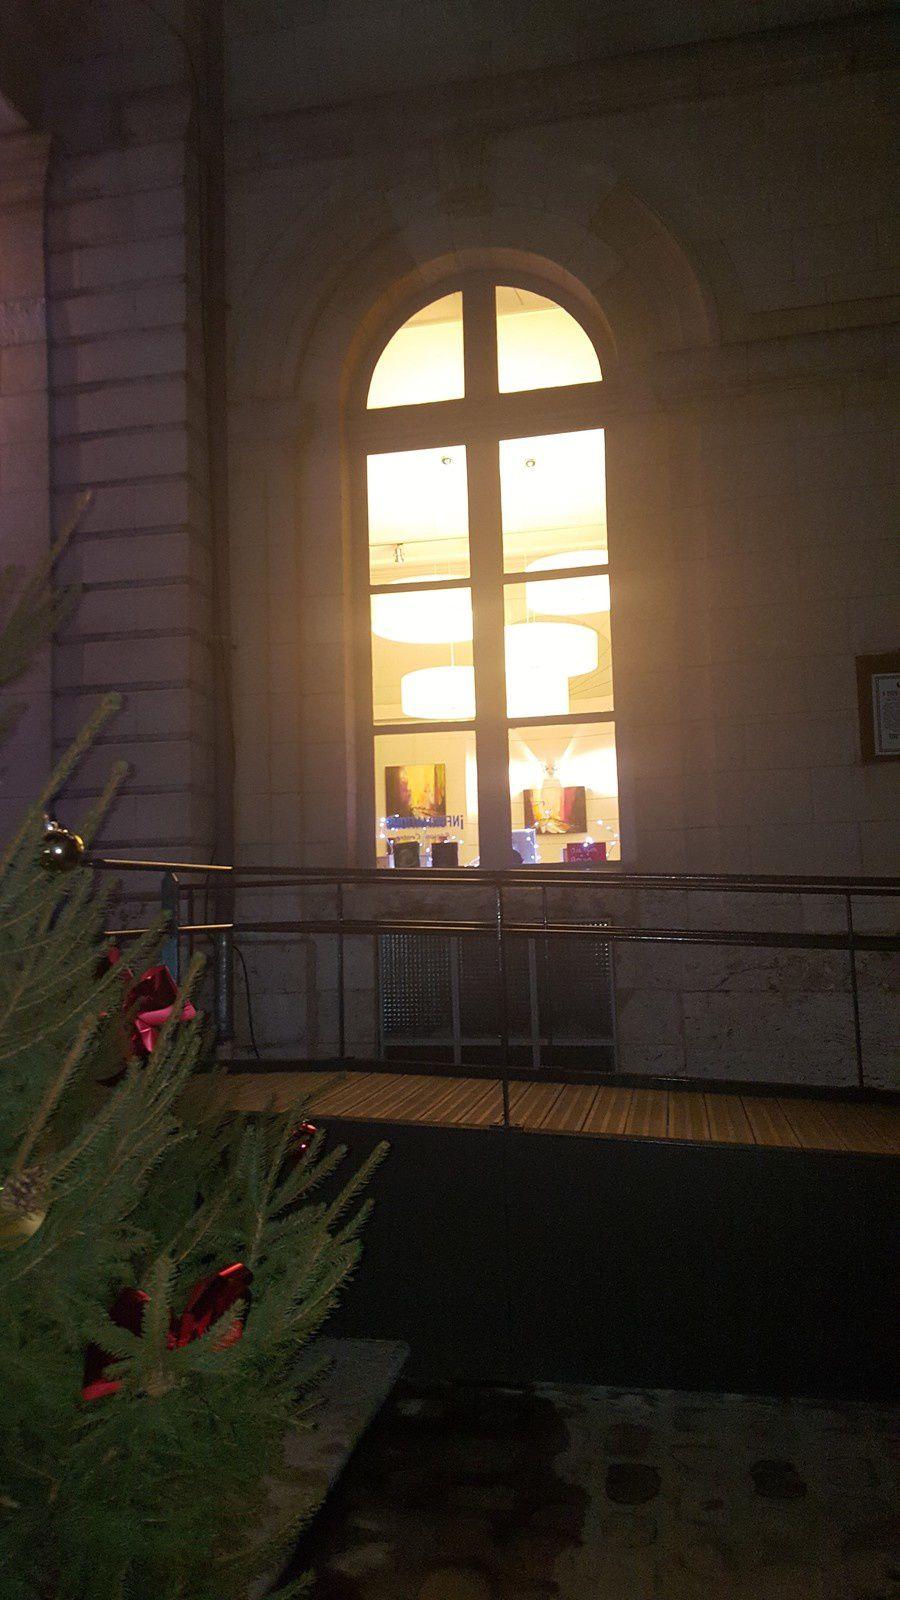 Exposition &quot&#x3B;Suis-moi&quot&#x3B;  jusqu'au 19 janvier à l'Hôtel de ville de Blois